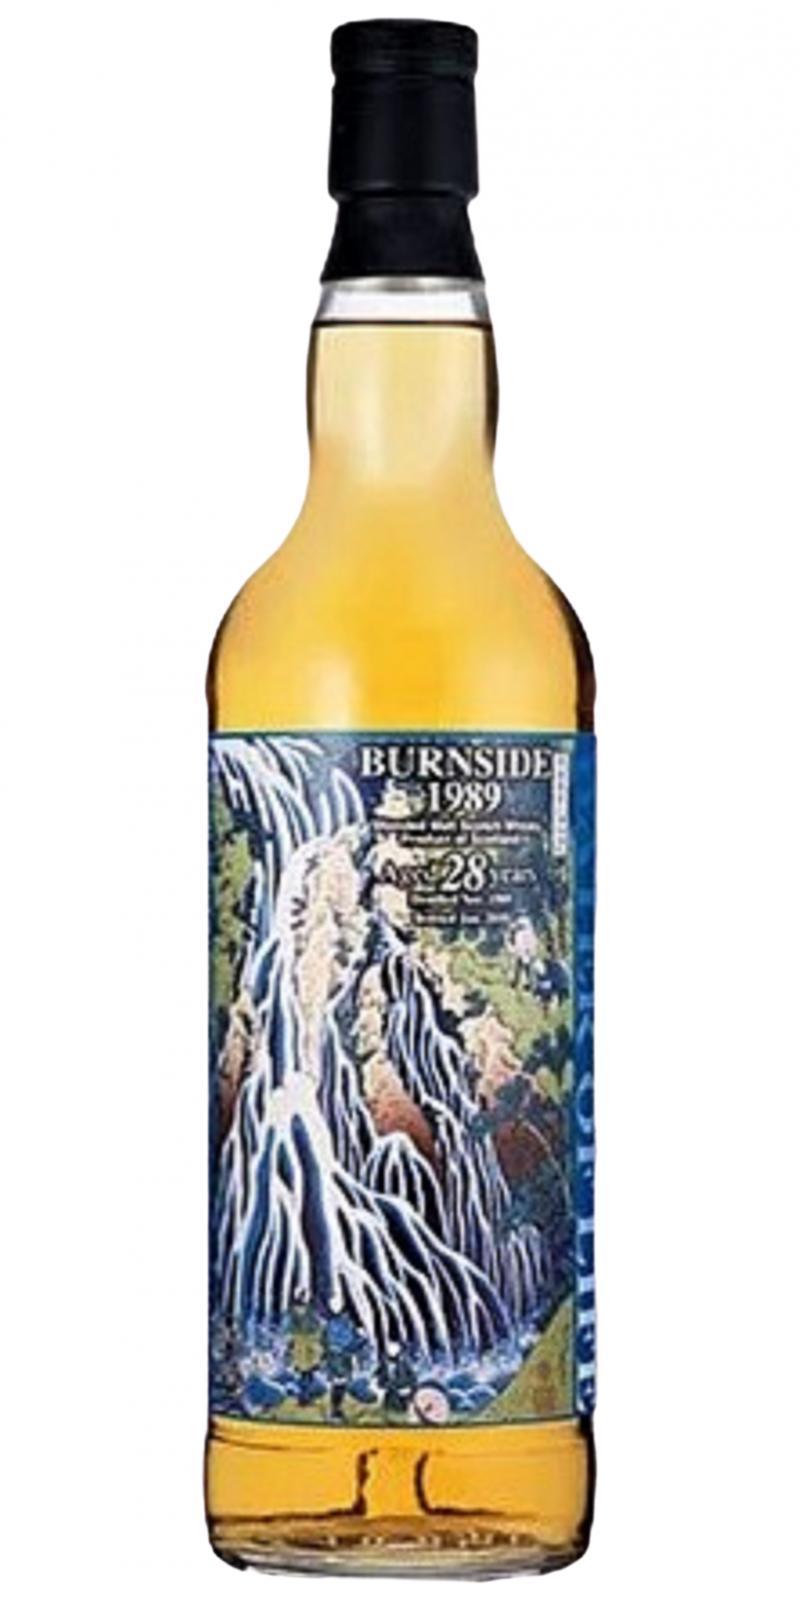 Burnside 1989 HY